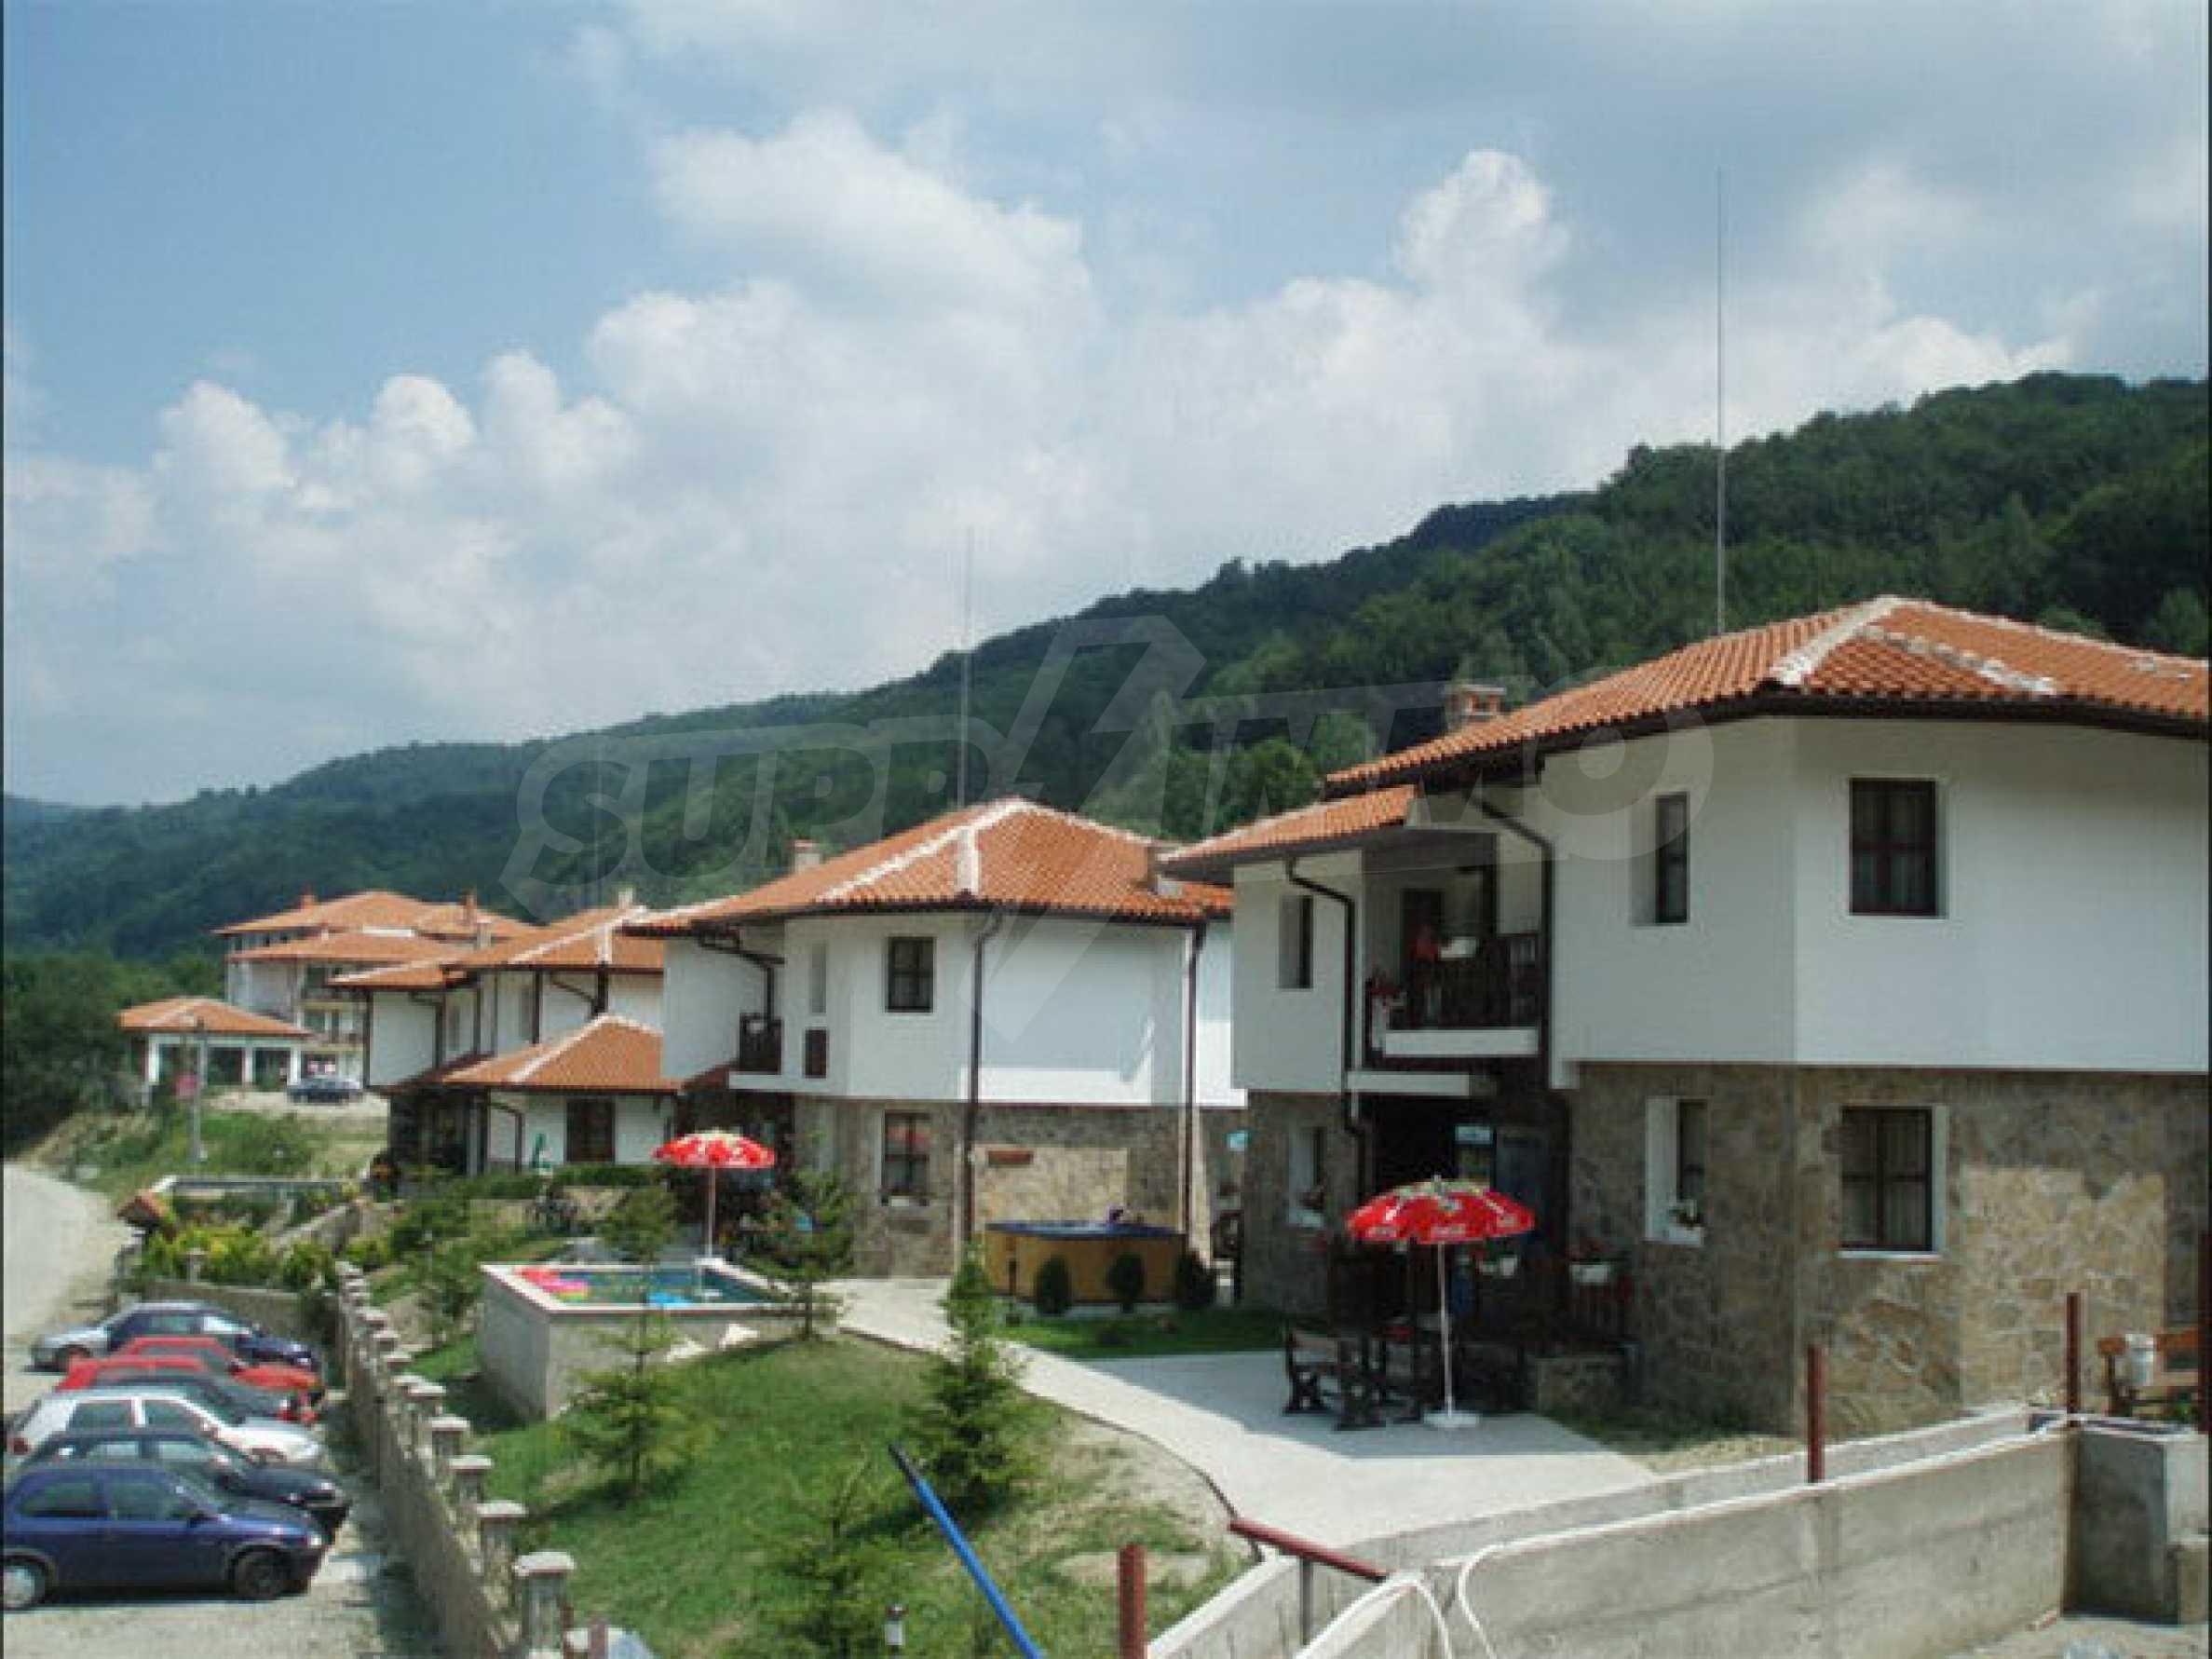 Zwei Gästehäuser in einer attraktiven Gegend mit heißen Mineralquellen in der Nähe der Stadt Troyan 17